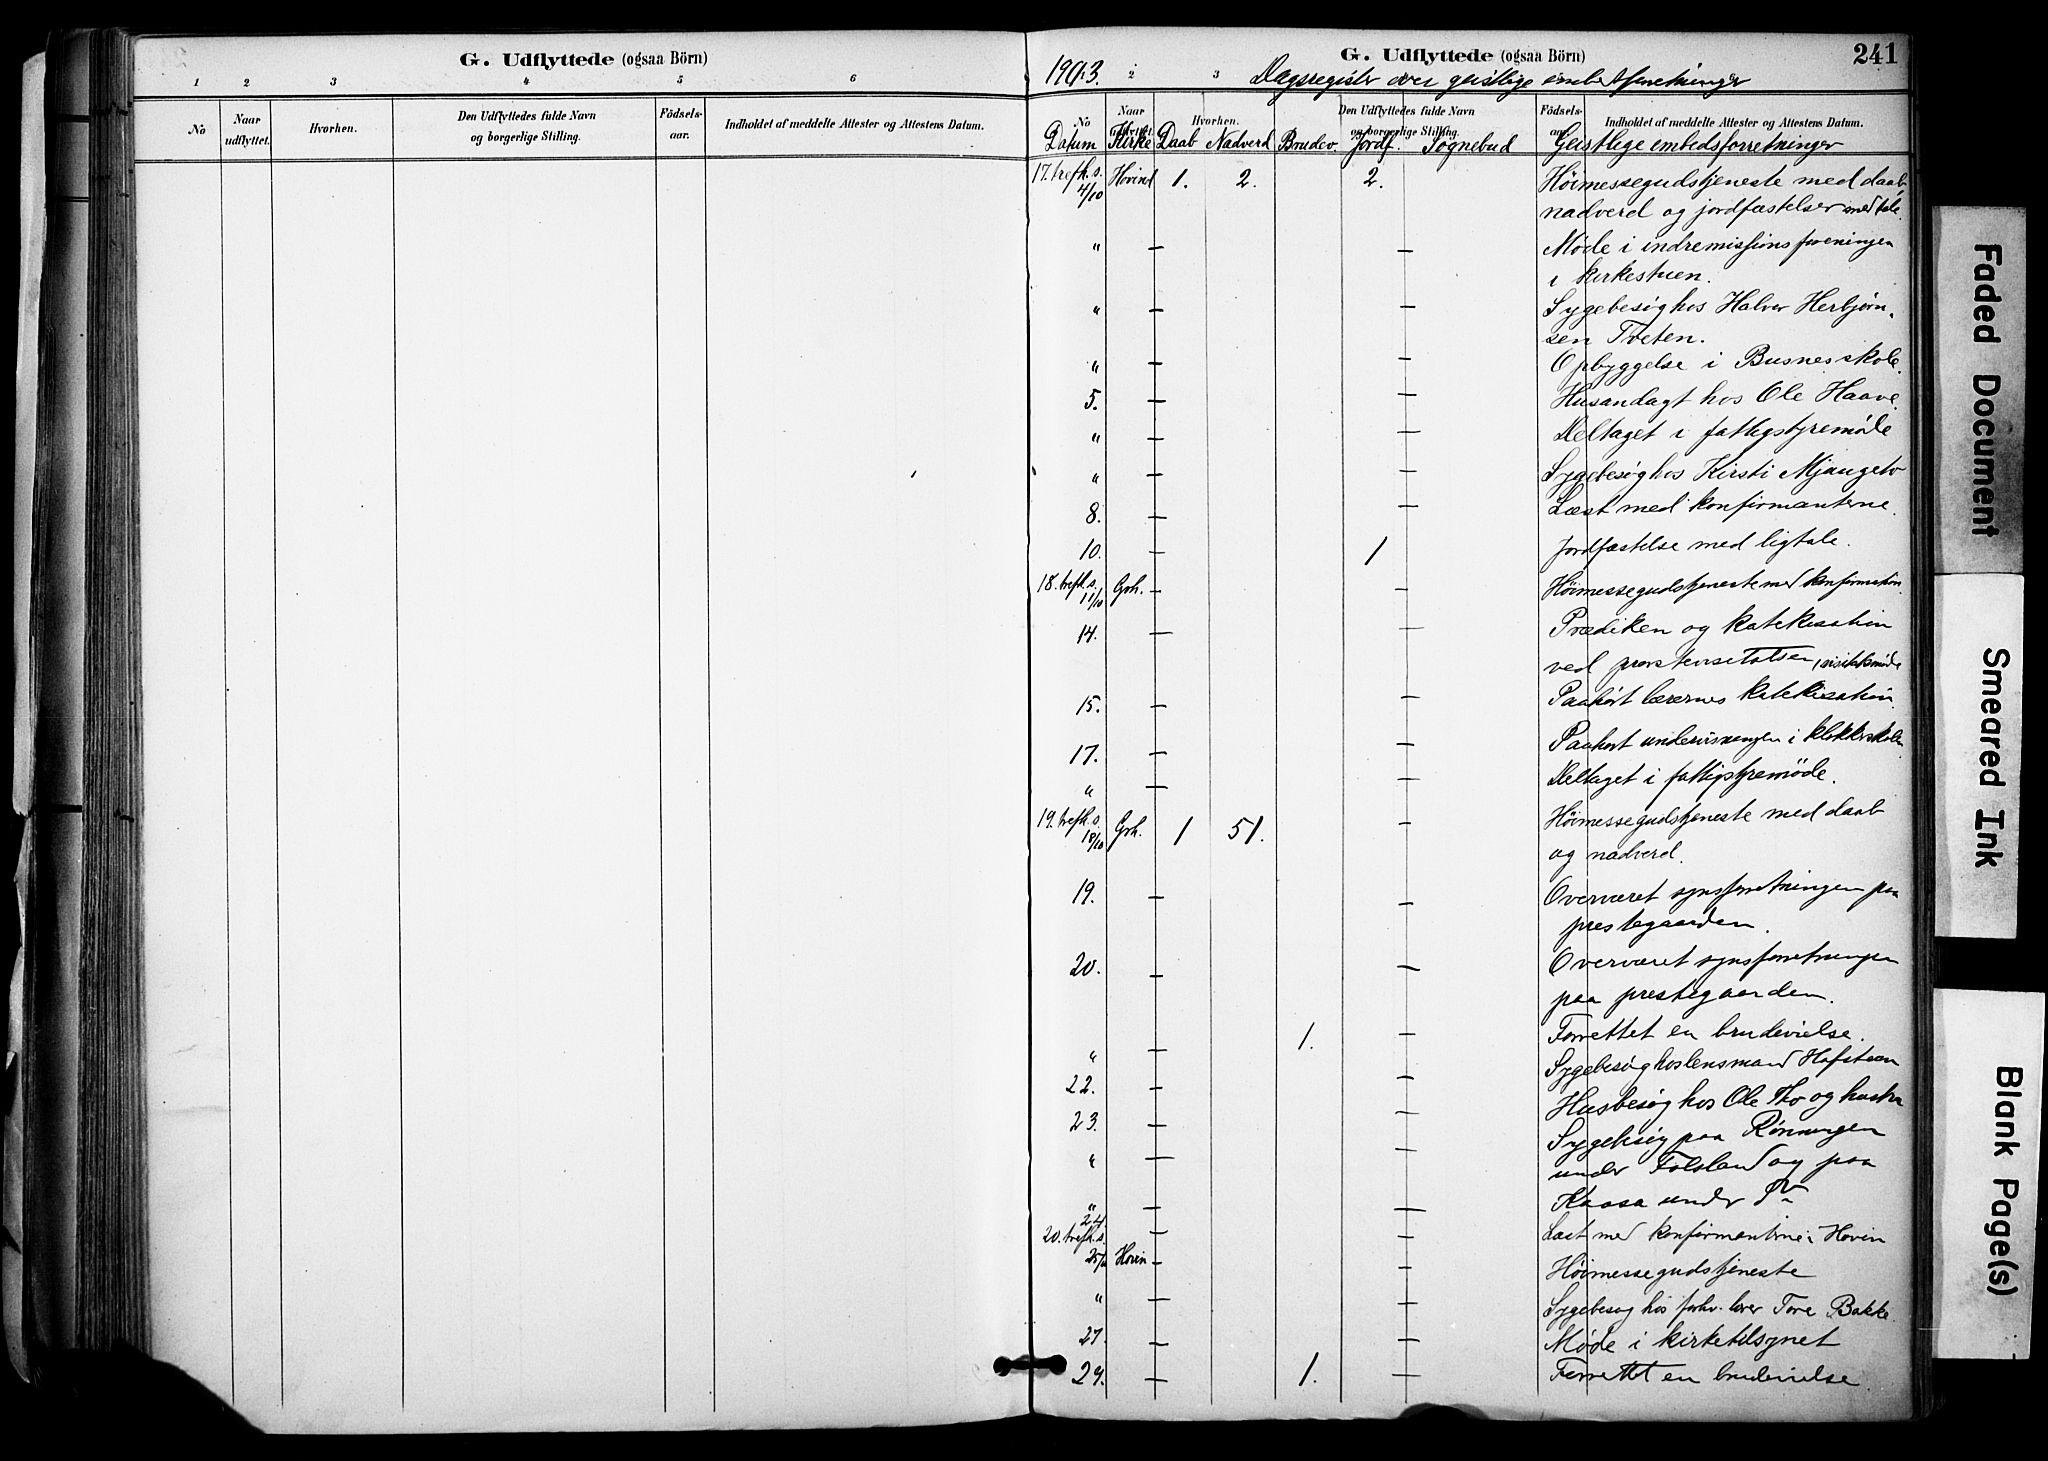 SAKO, Gransherad kirkebøker, F/Fa/L0005: Ministerialbok nr. I 5, 1887-1916, s. 241